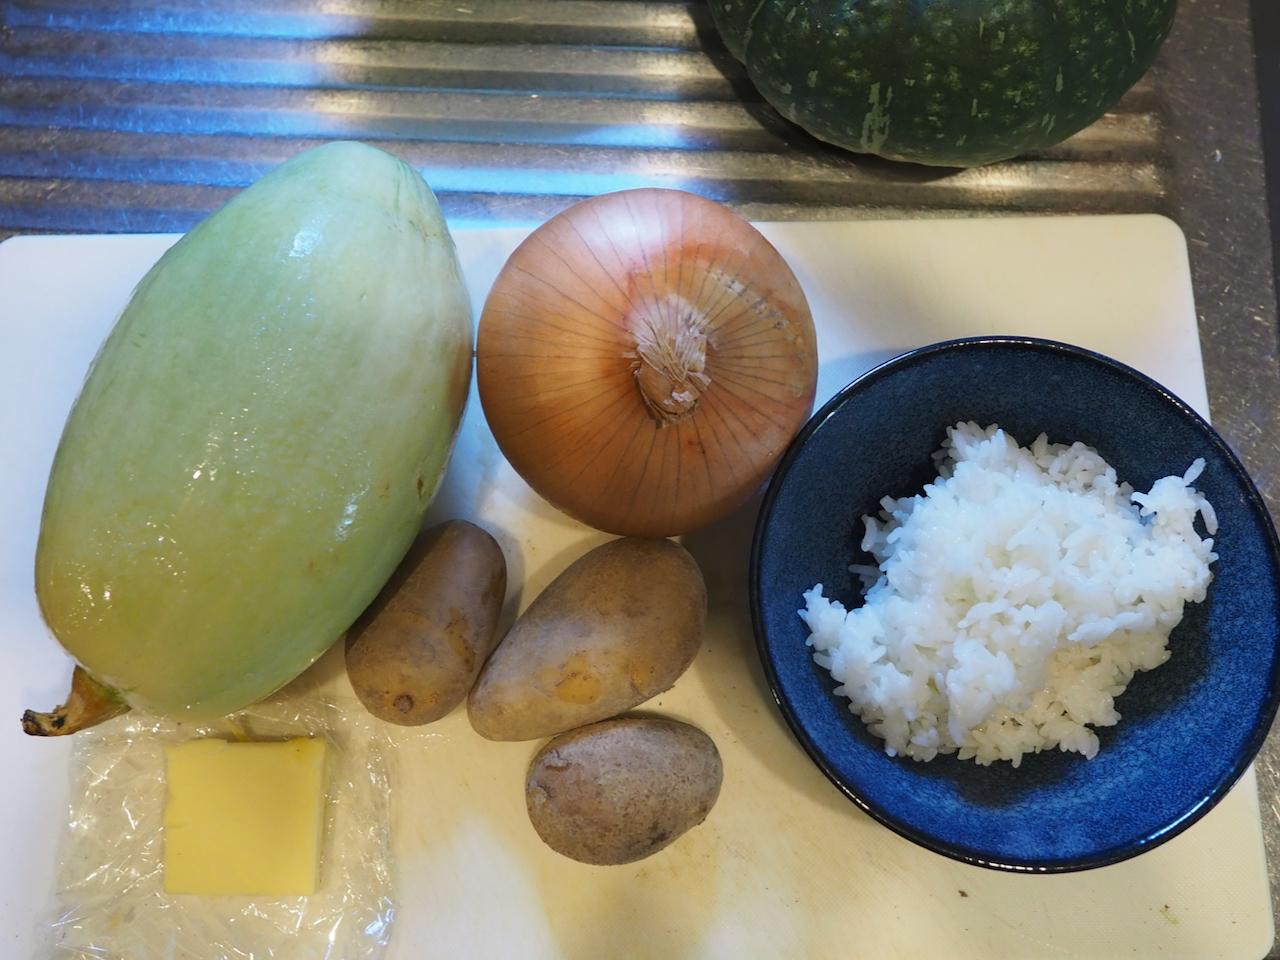 zucchini_2107-102.jpeg